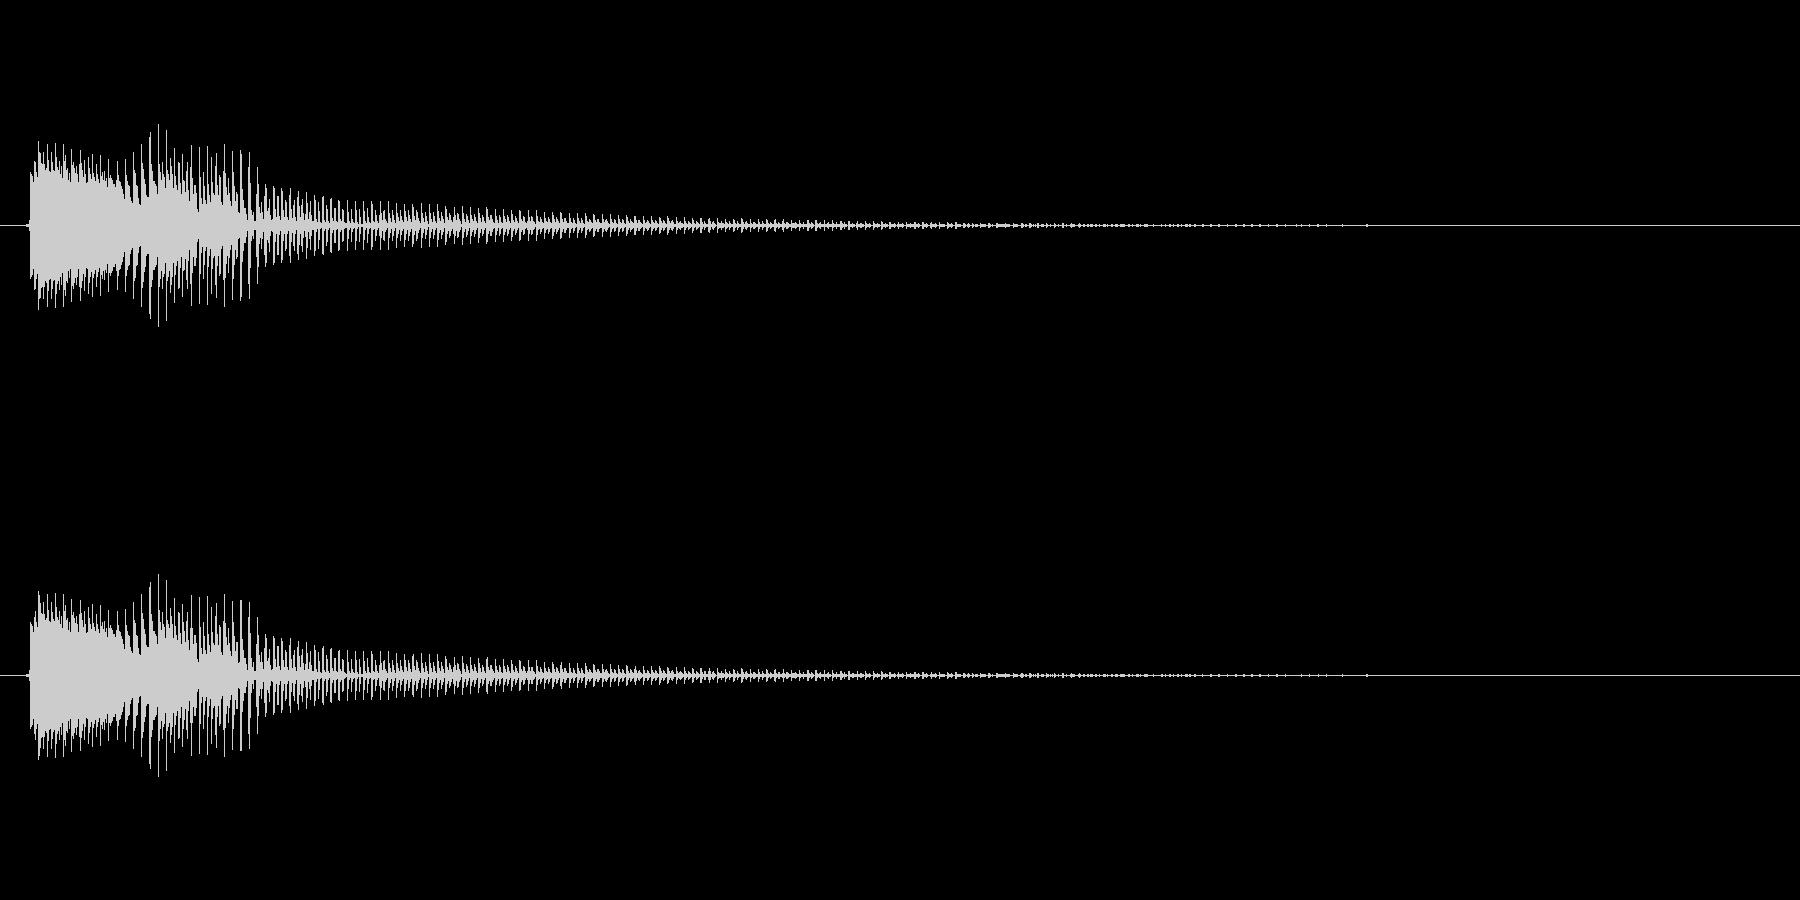 コミカルなジャンプ音 ボイン ビョン1の未再生の波形